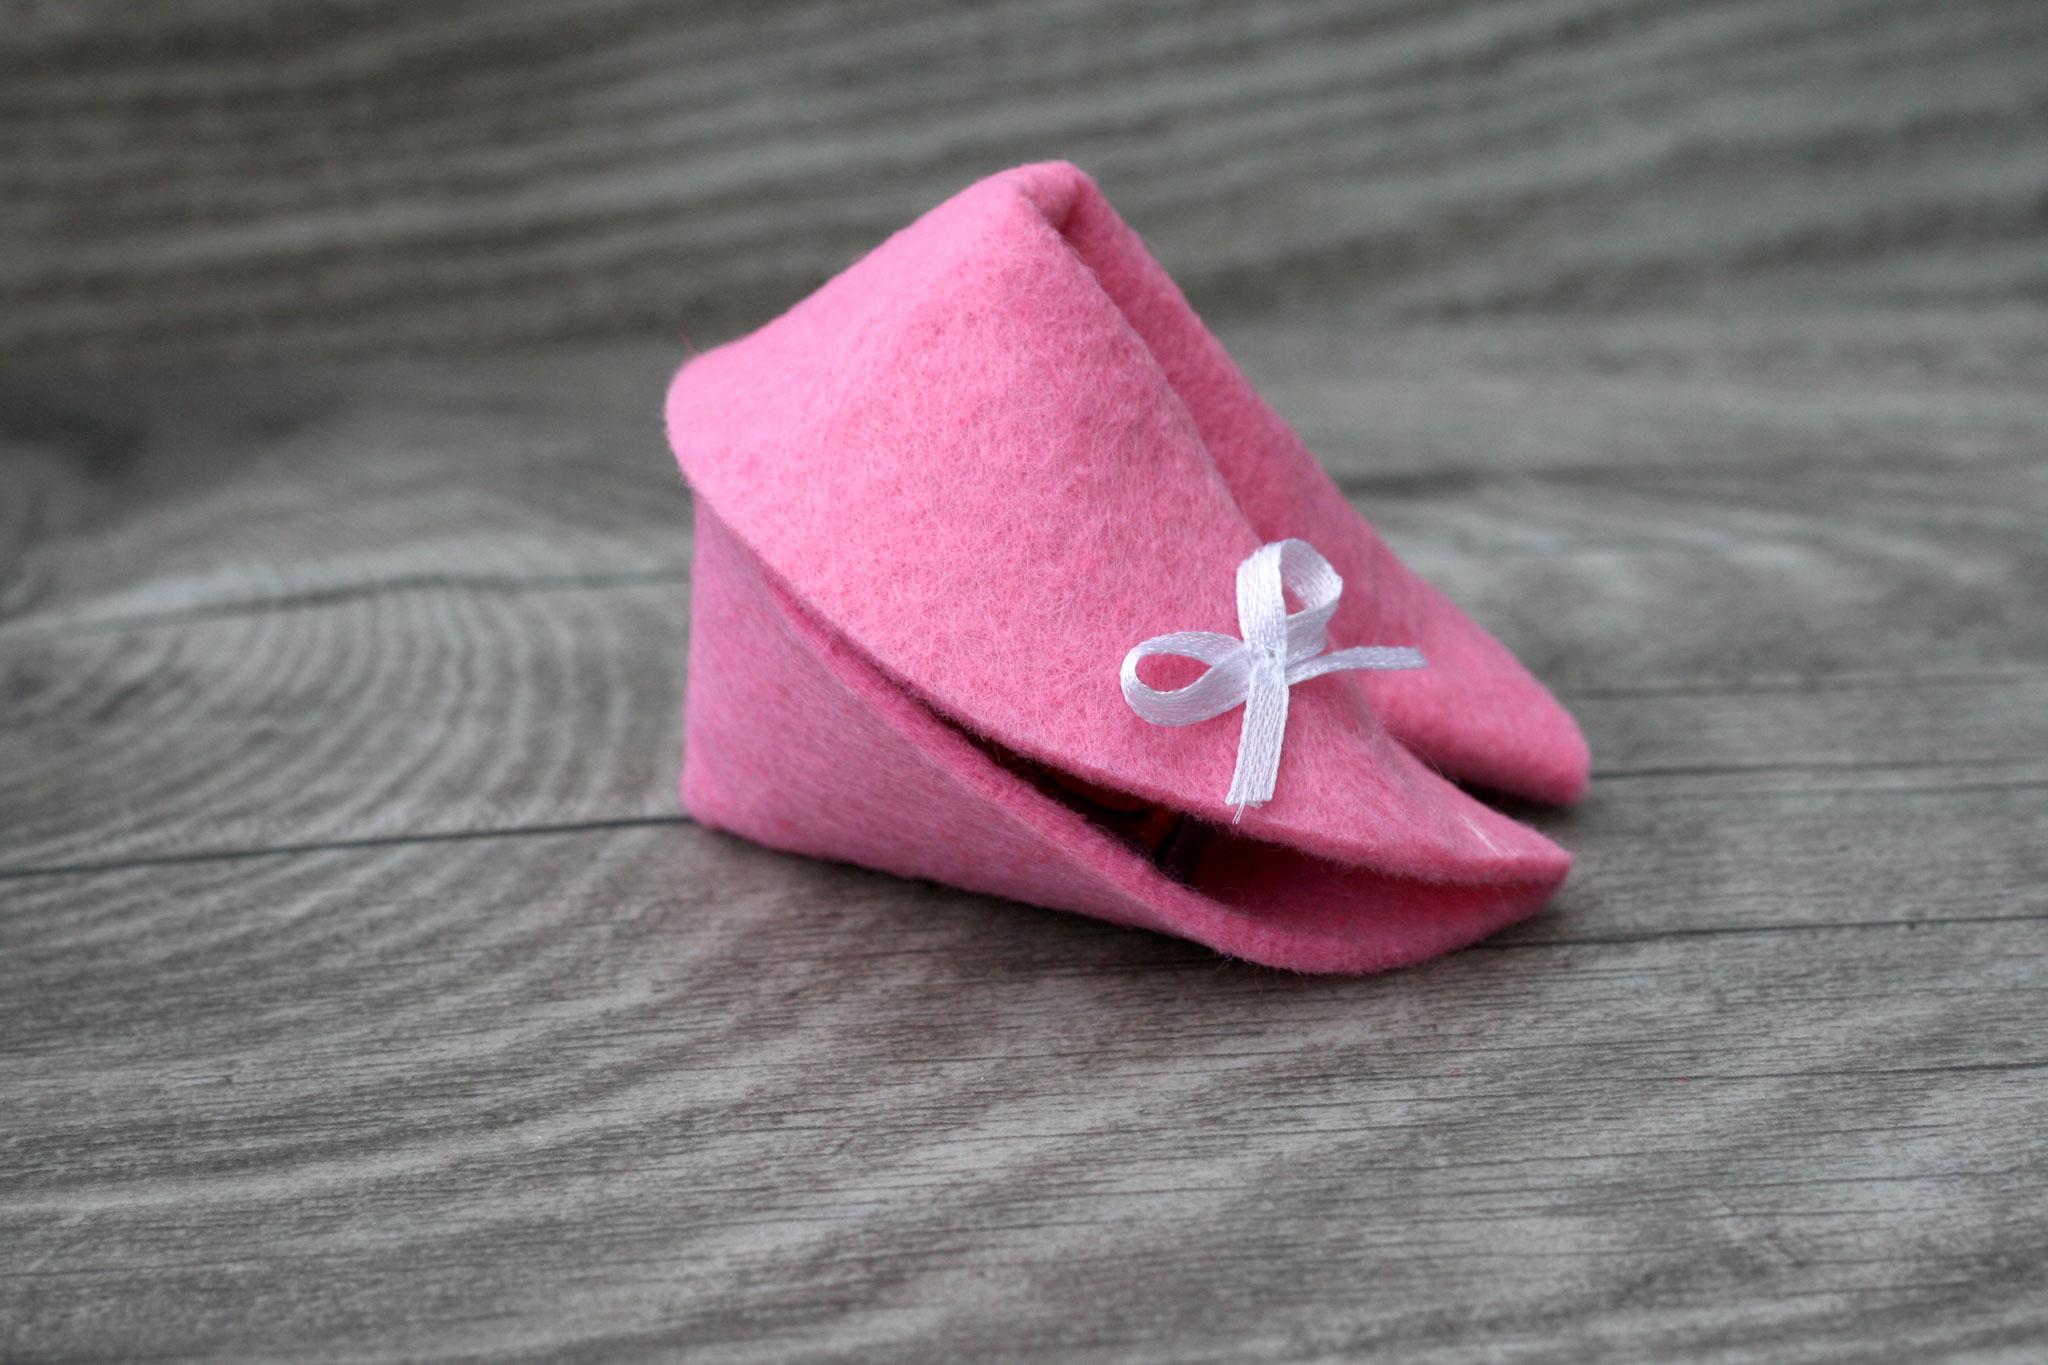 Filzkeks Rosa groß 7,2 cm, geschlossen